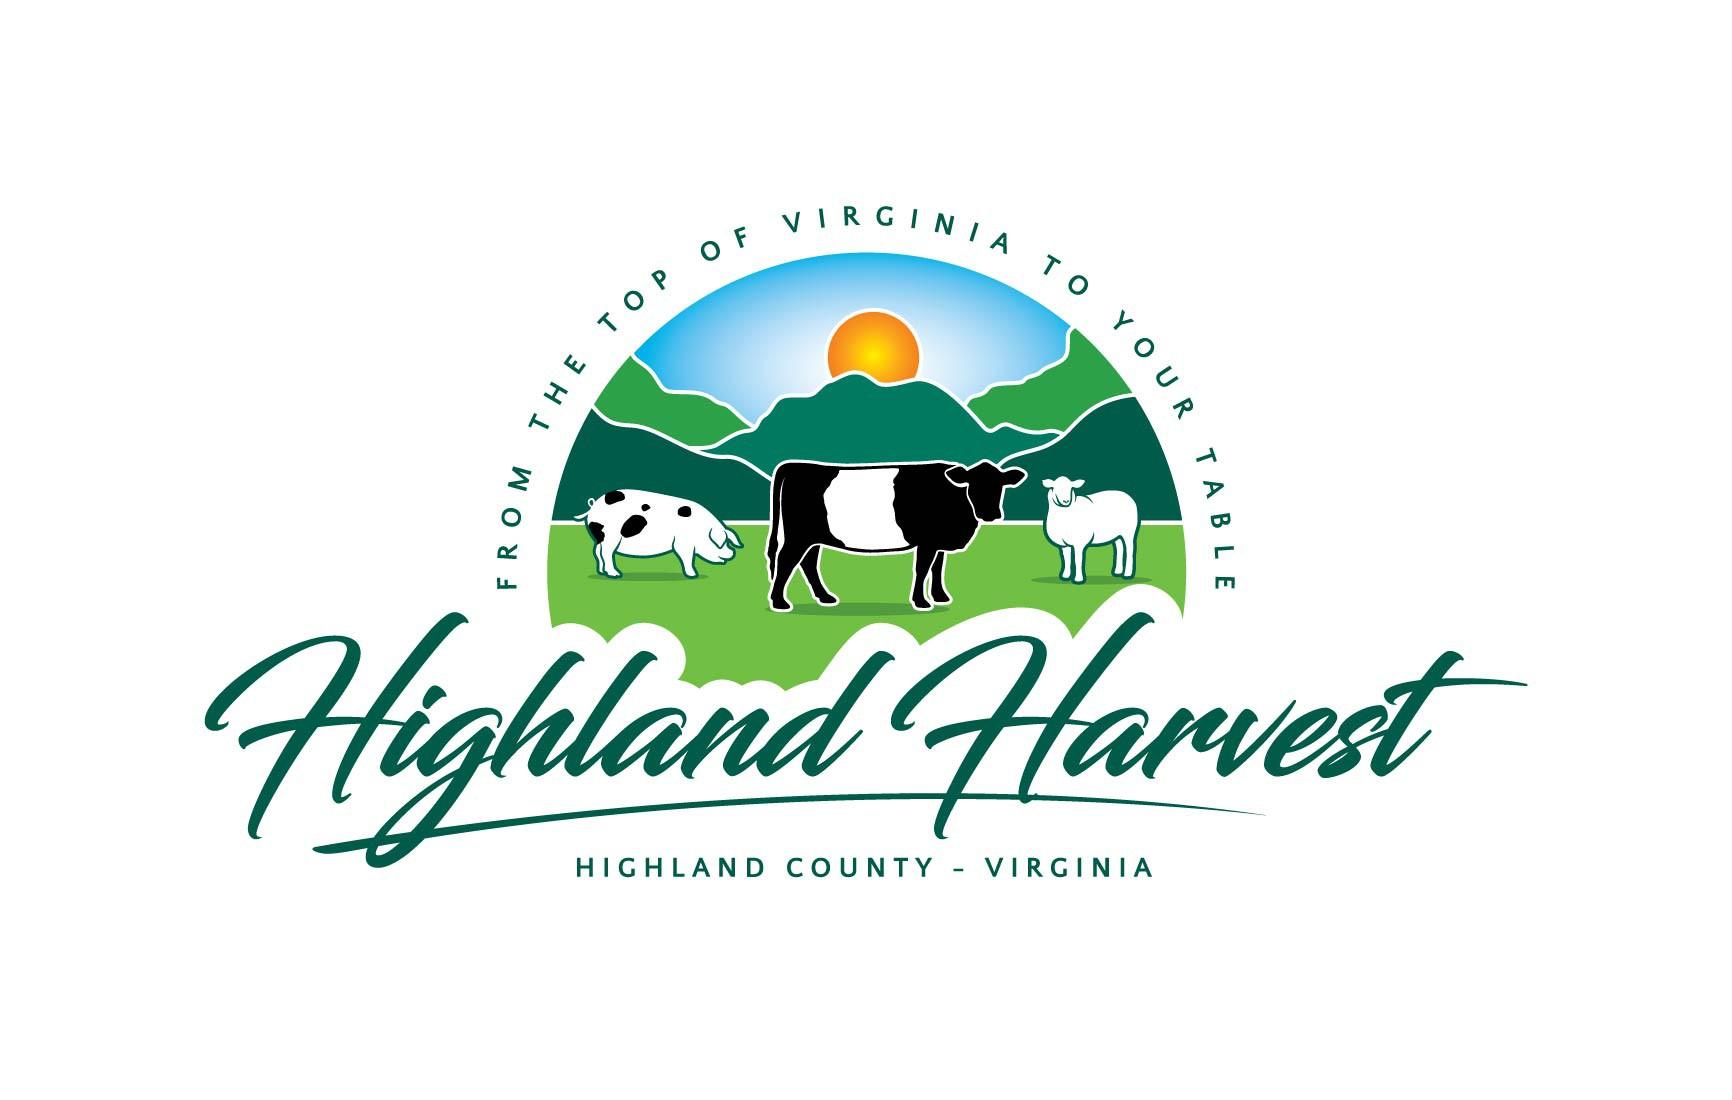 Highland Harvest- Logo and branding for artisanal farm on-line shopping experience